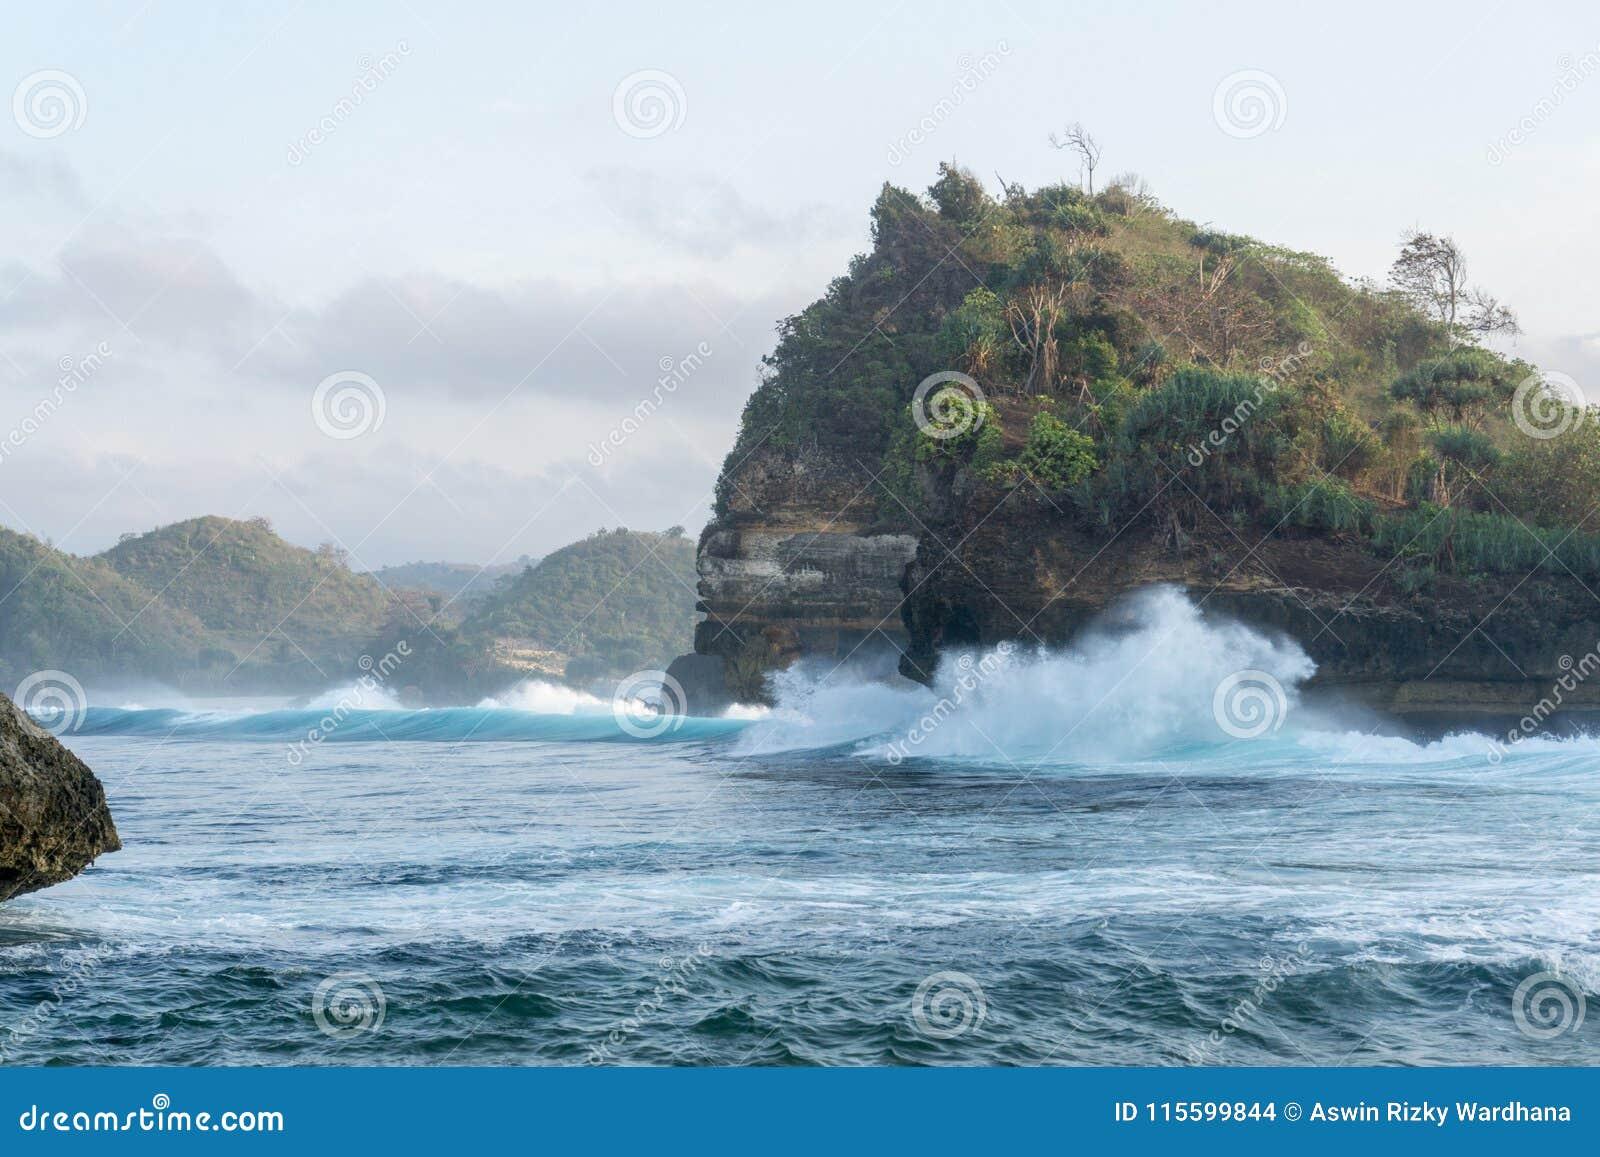 Batu Bengkung Beach Malang Indonesia